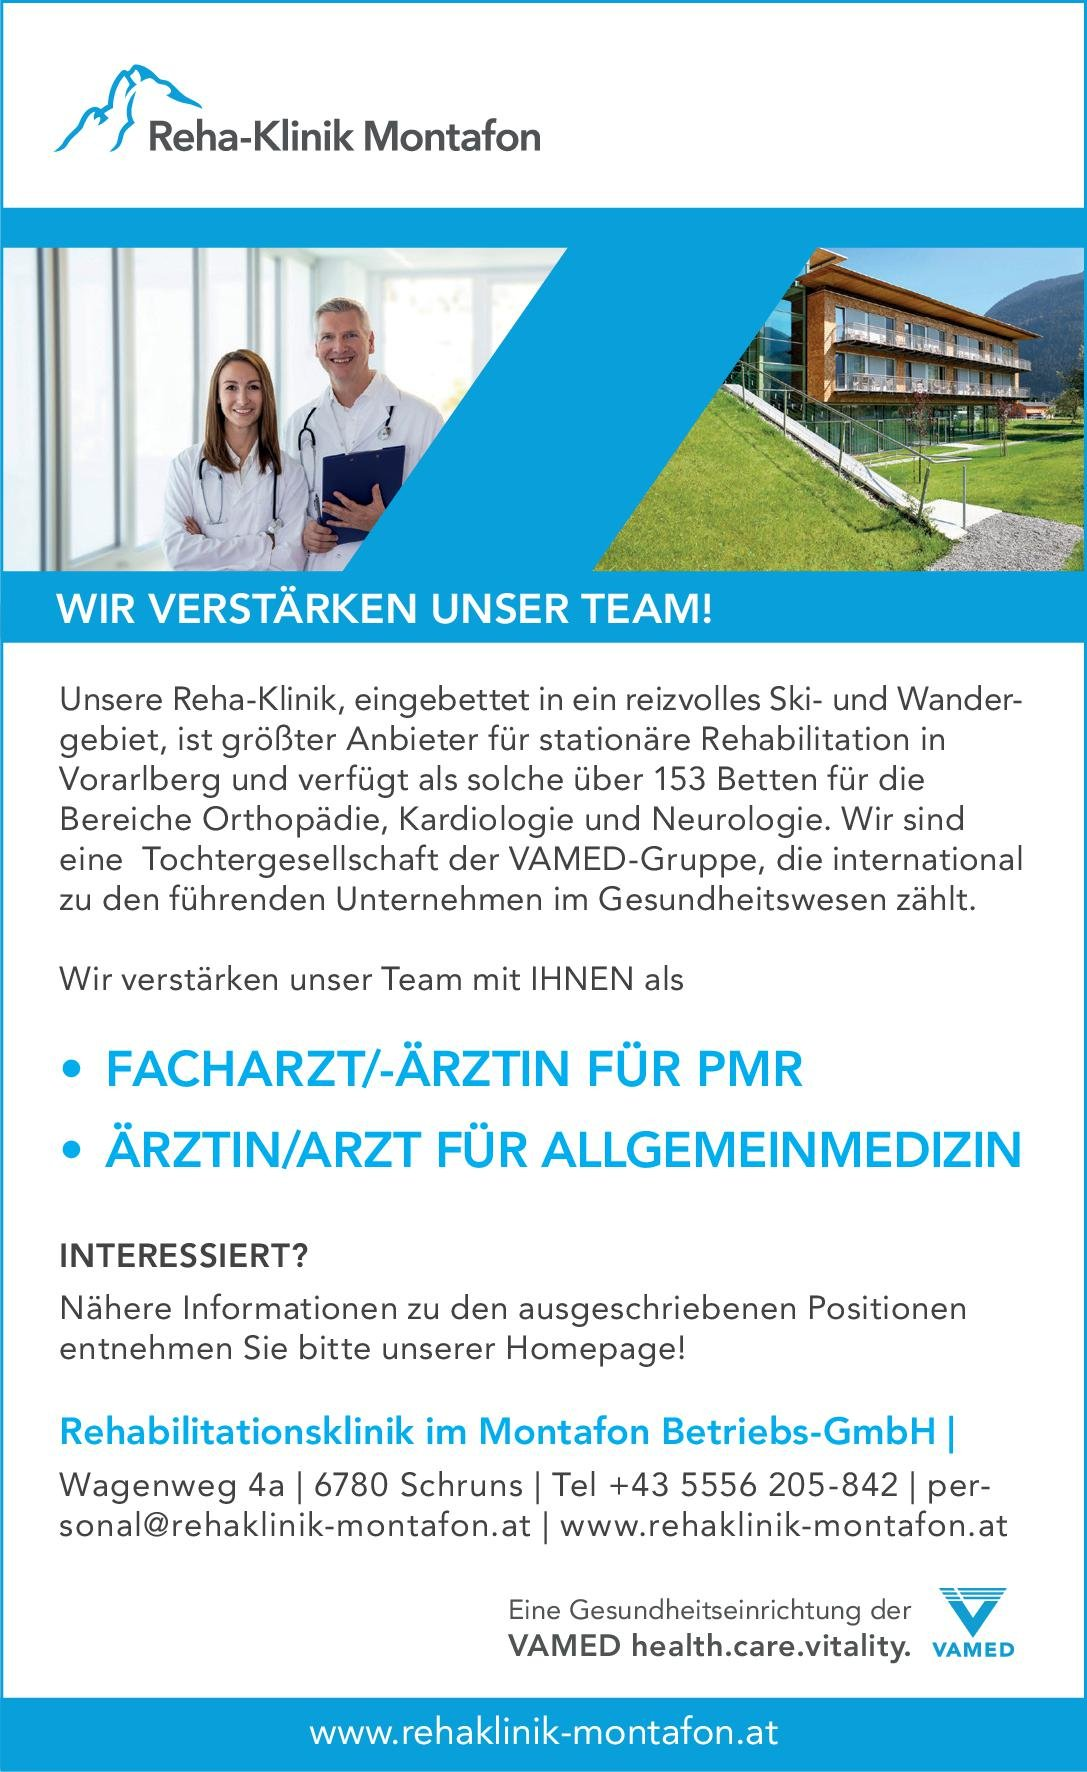 Rehabilitationsklinik im Montafon Betriebs-GmbH Facharzt/Fachärztin für PMR Physikalische- und Rehabilitative Medizin Arzt / Facharzt